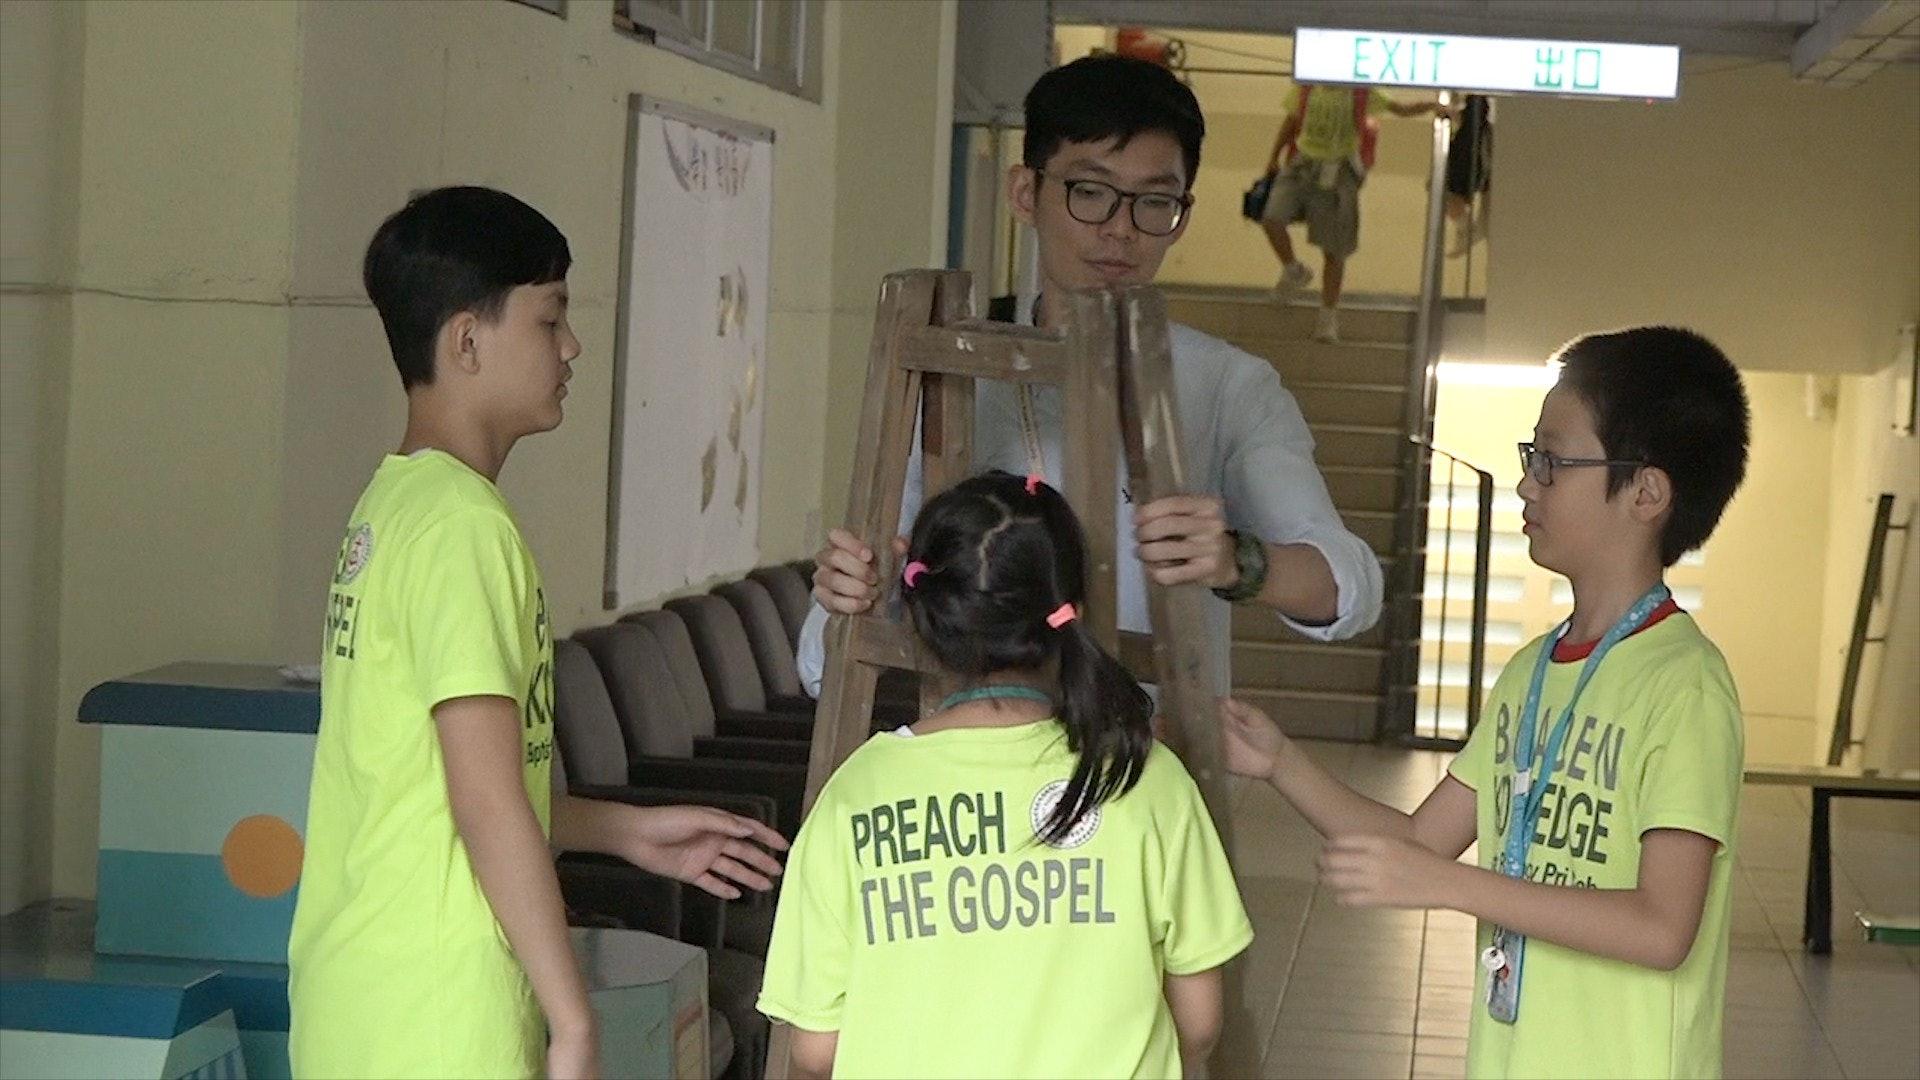 學校老師葉訊邦負責帶領同學策劃保護雀鳥計劃,期望他們可以藉此思考人雀共處的方案。(鄧穎韜攝)